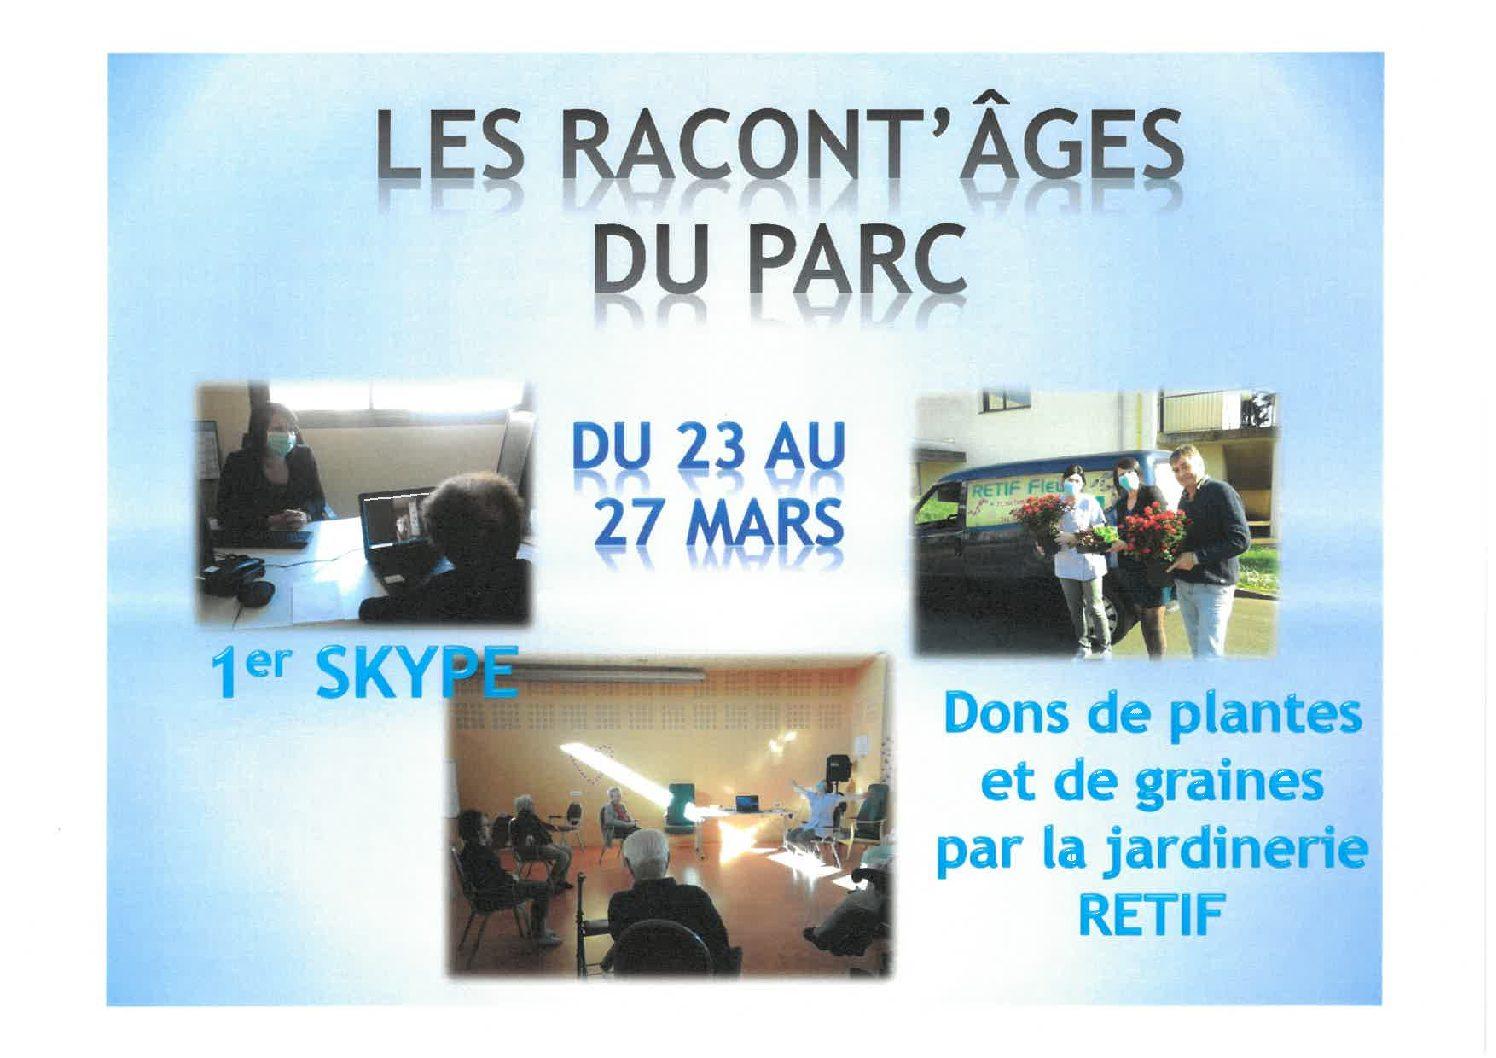 Activités du 23 au 27 Mars 2020 – LE PARC ANIMATION